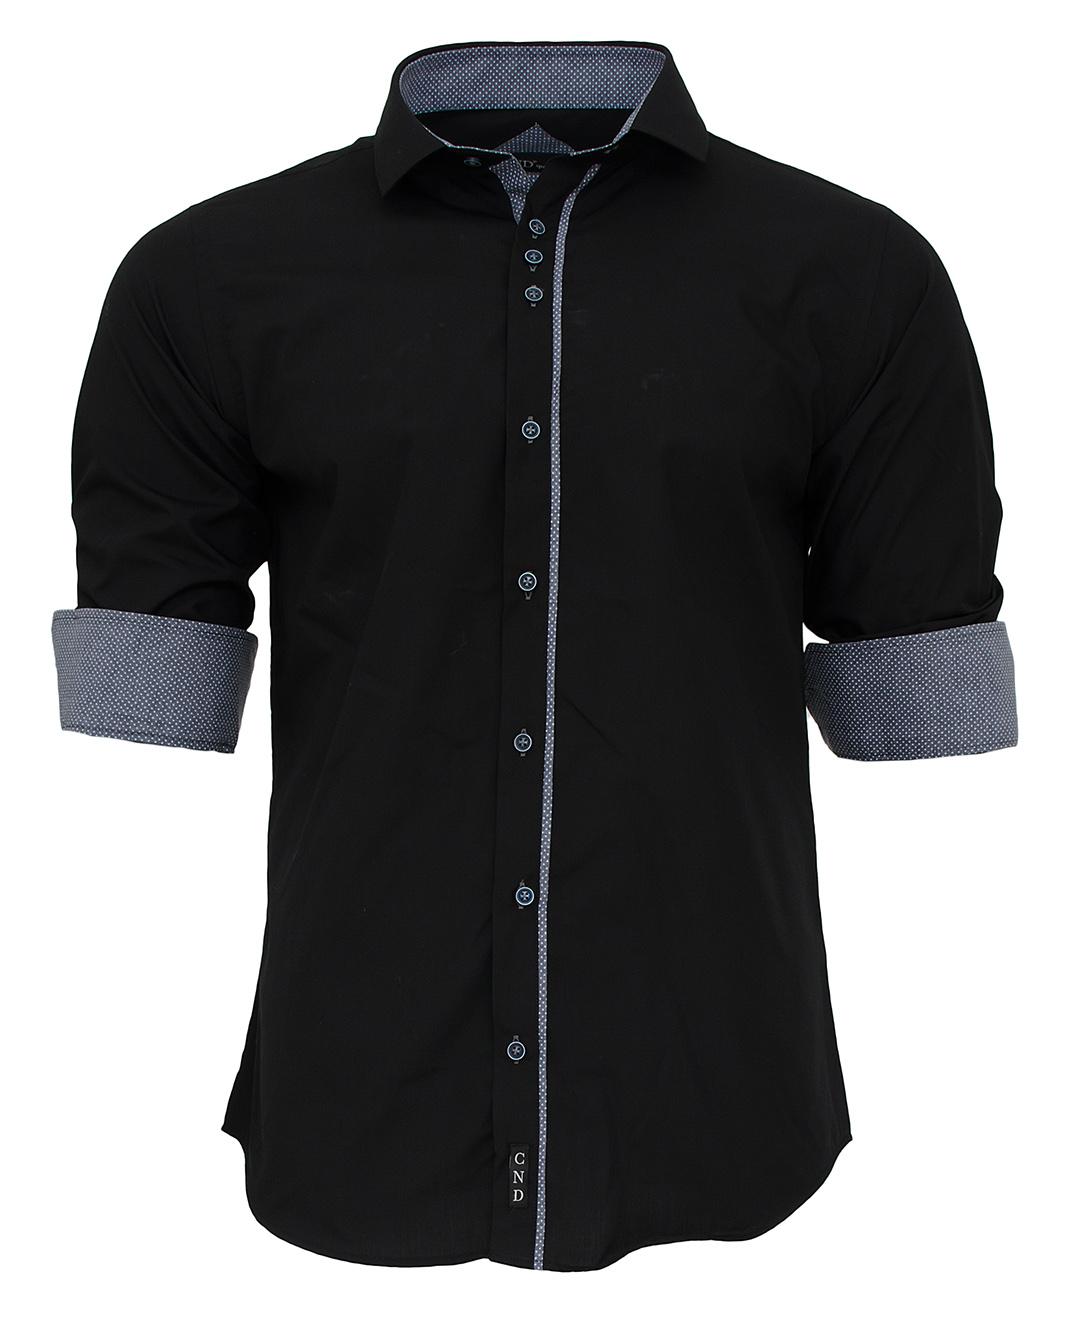 Ανδρικό Πουκάμισο CND Black-Μαύρο αρχική ανδρικά ρούχα πουκάμισα